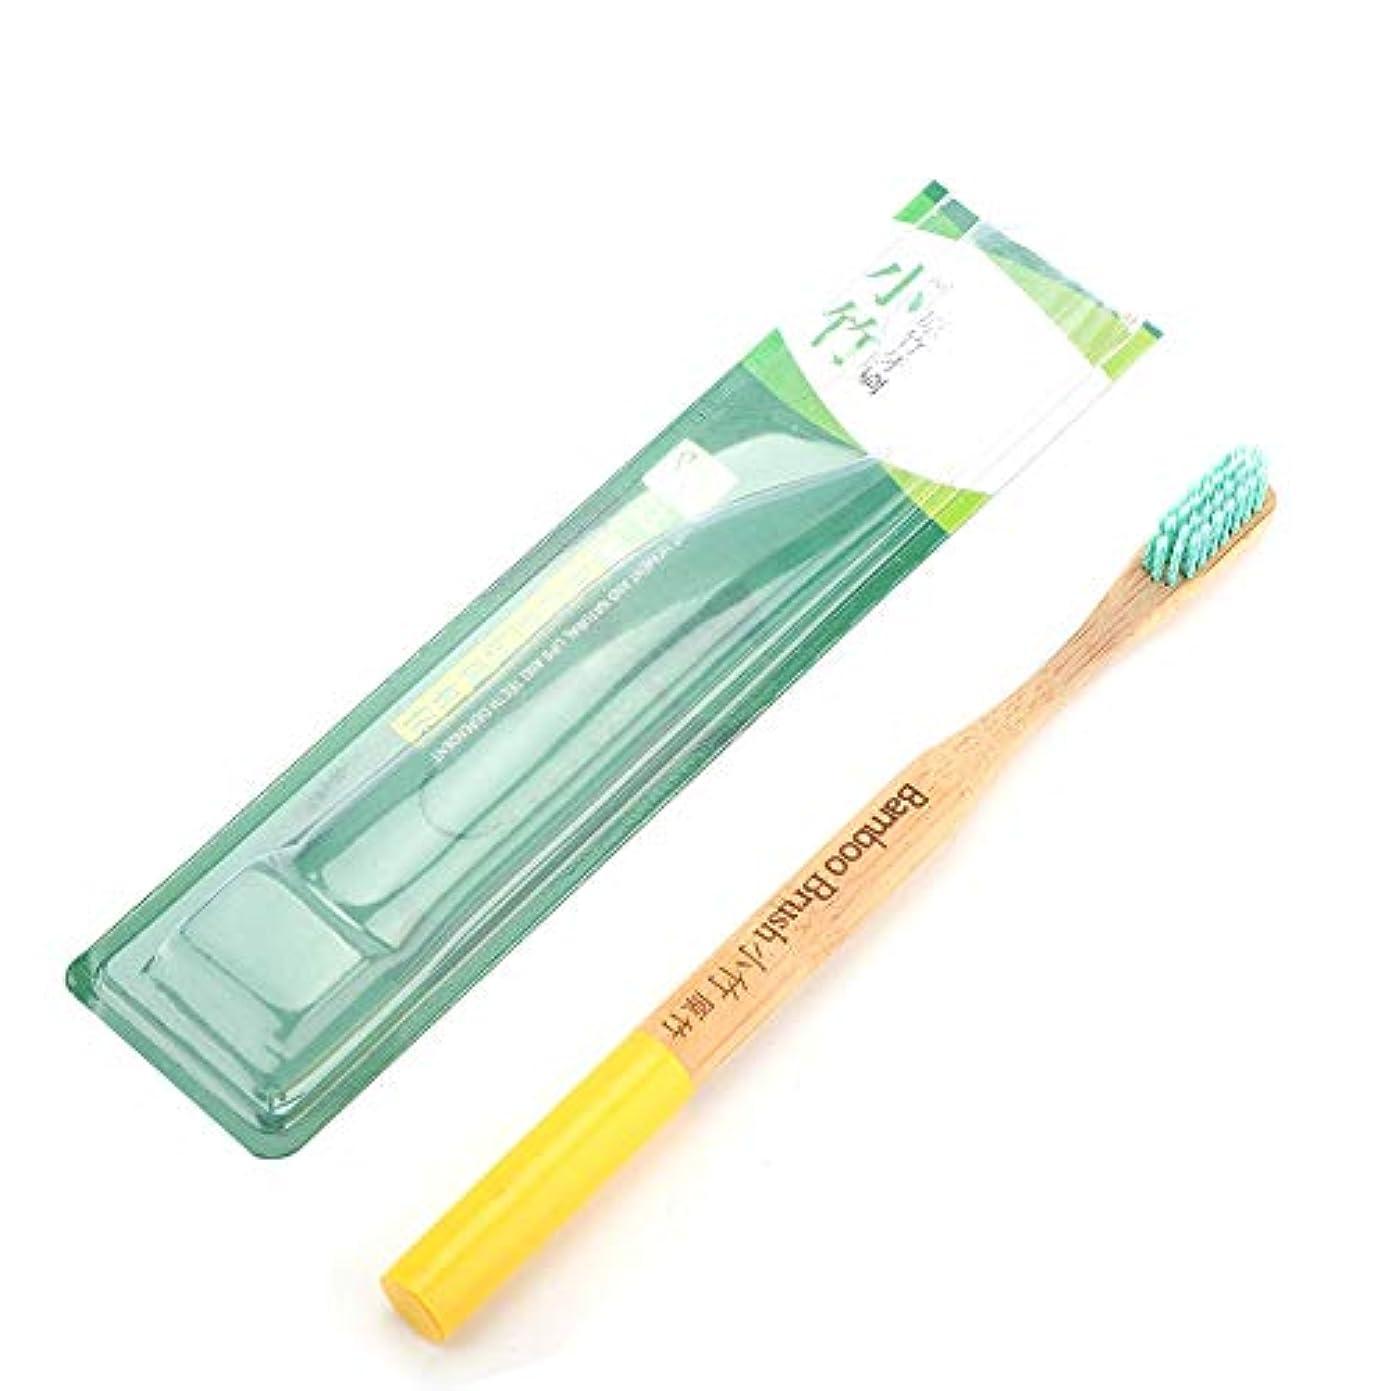 そこからであるストリップ静菌軟毛竹柄歯ブラシ